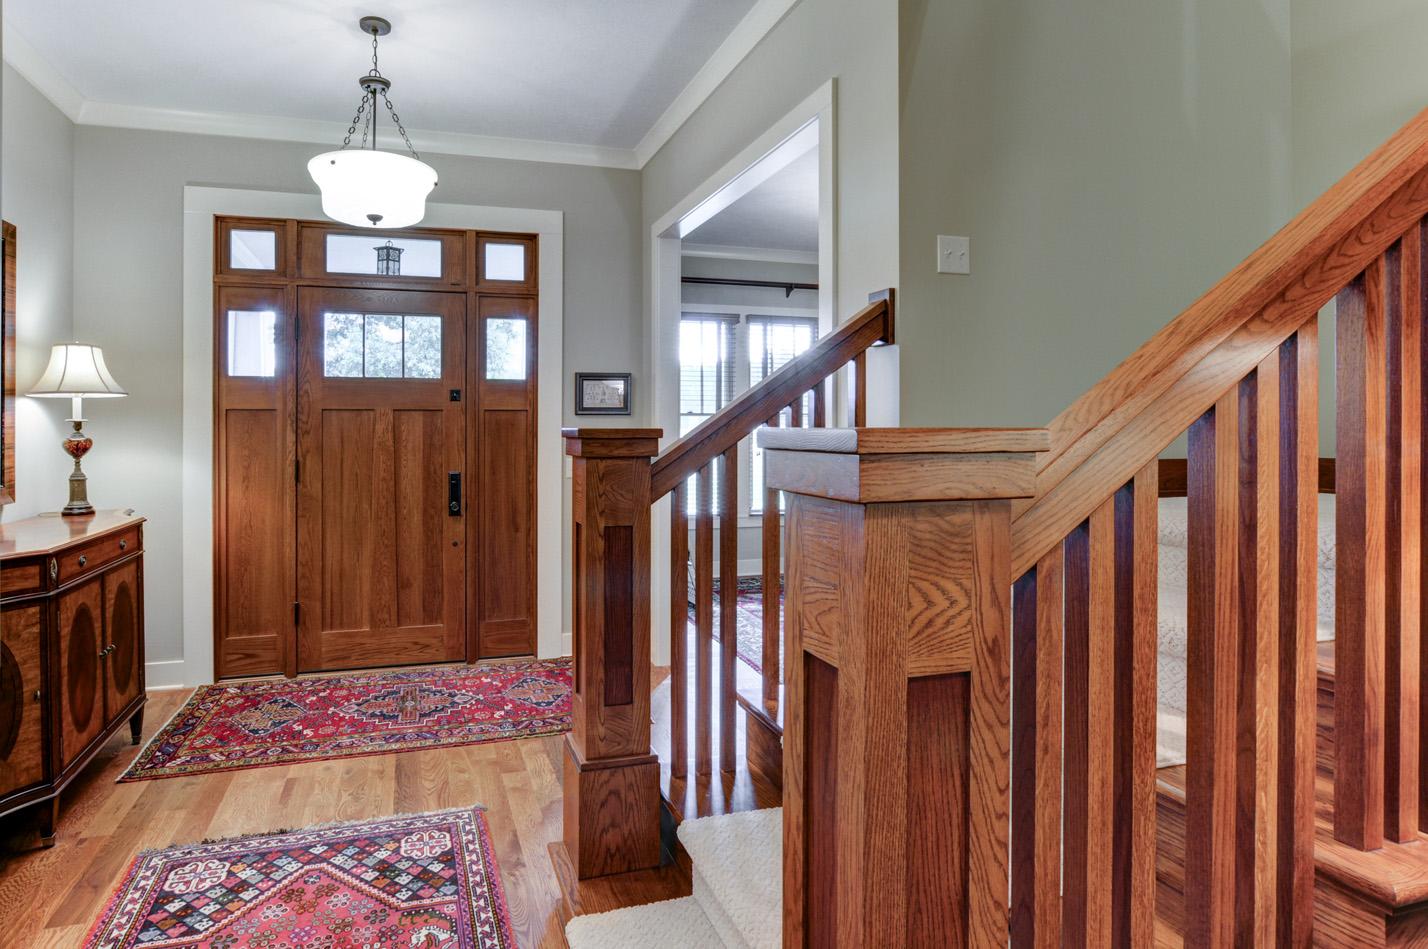 built-by-brett-custom-home-builders-springfield-mo-stonegate-court-010.jpg